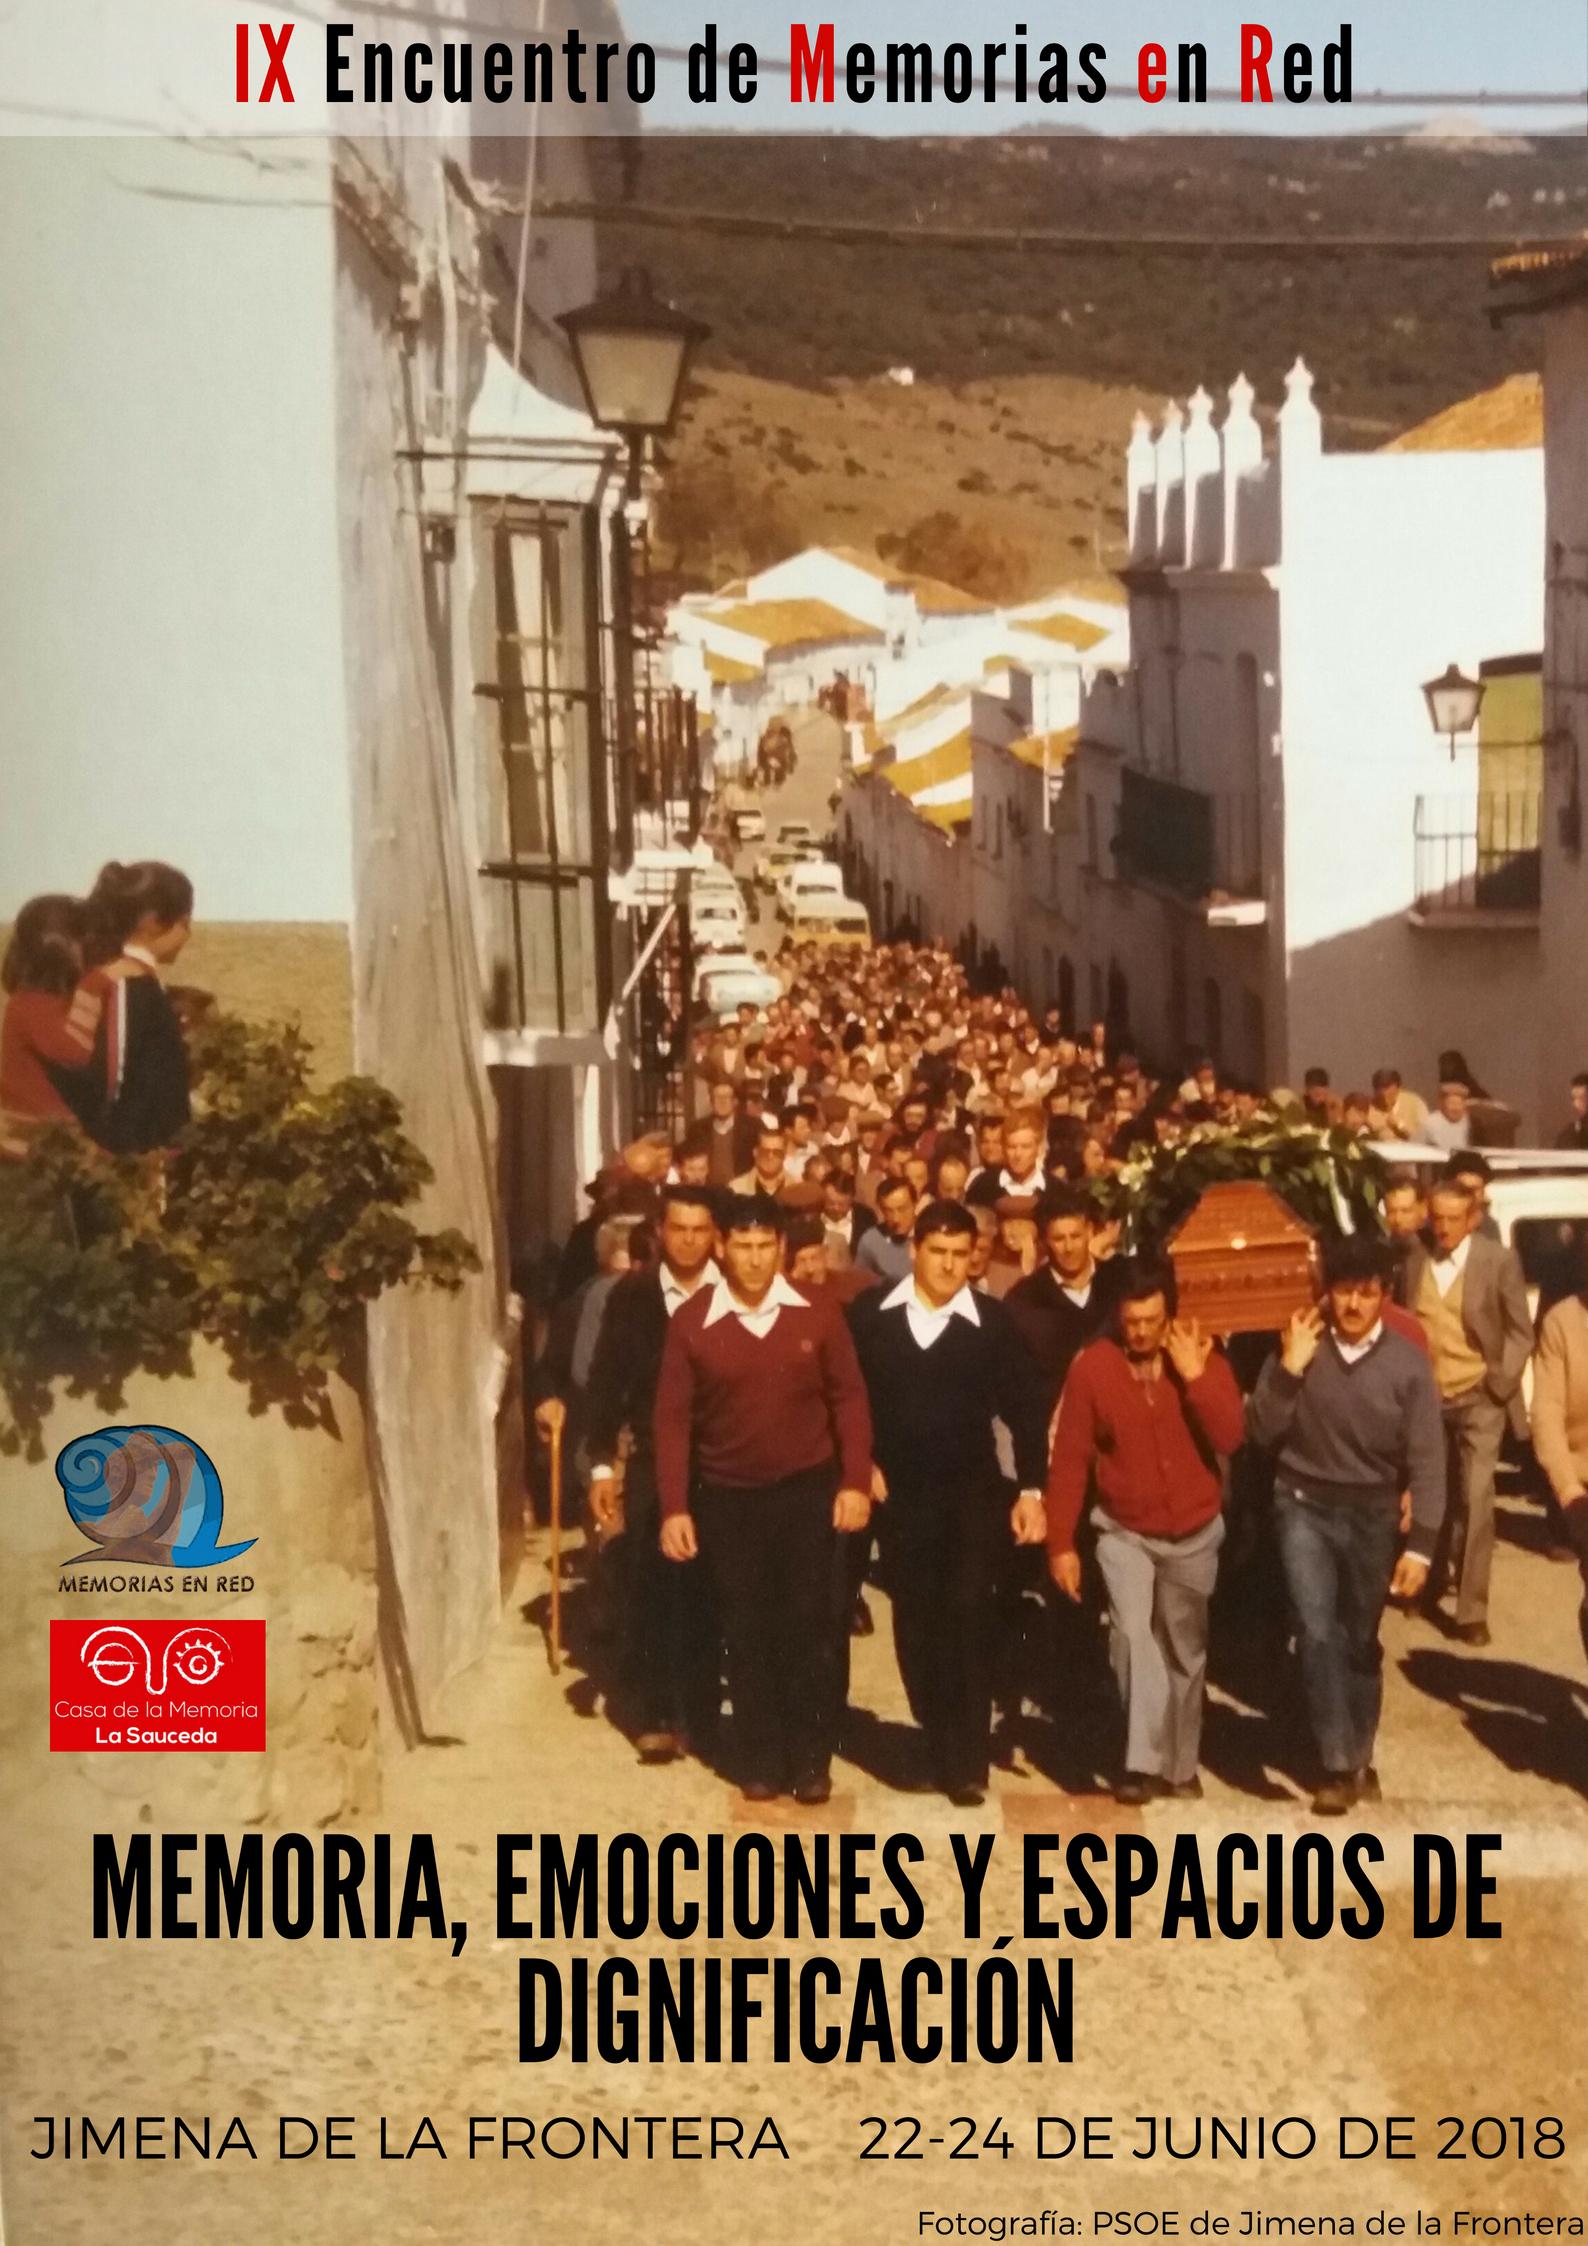 CARTEL FINAL IX Encuentro MeR Memoria, emociones y espacios de dignificación